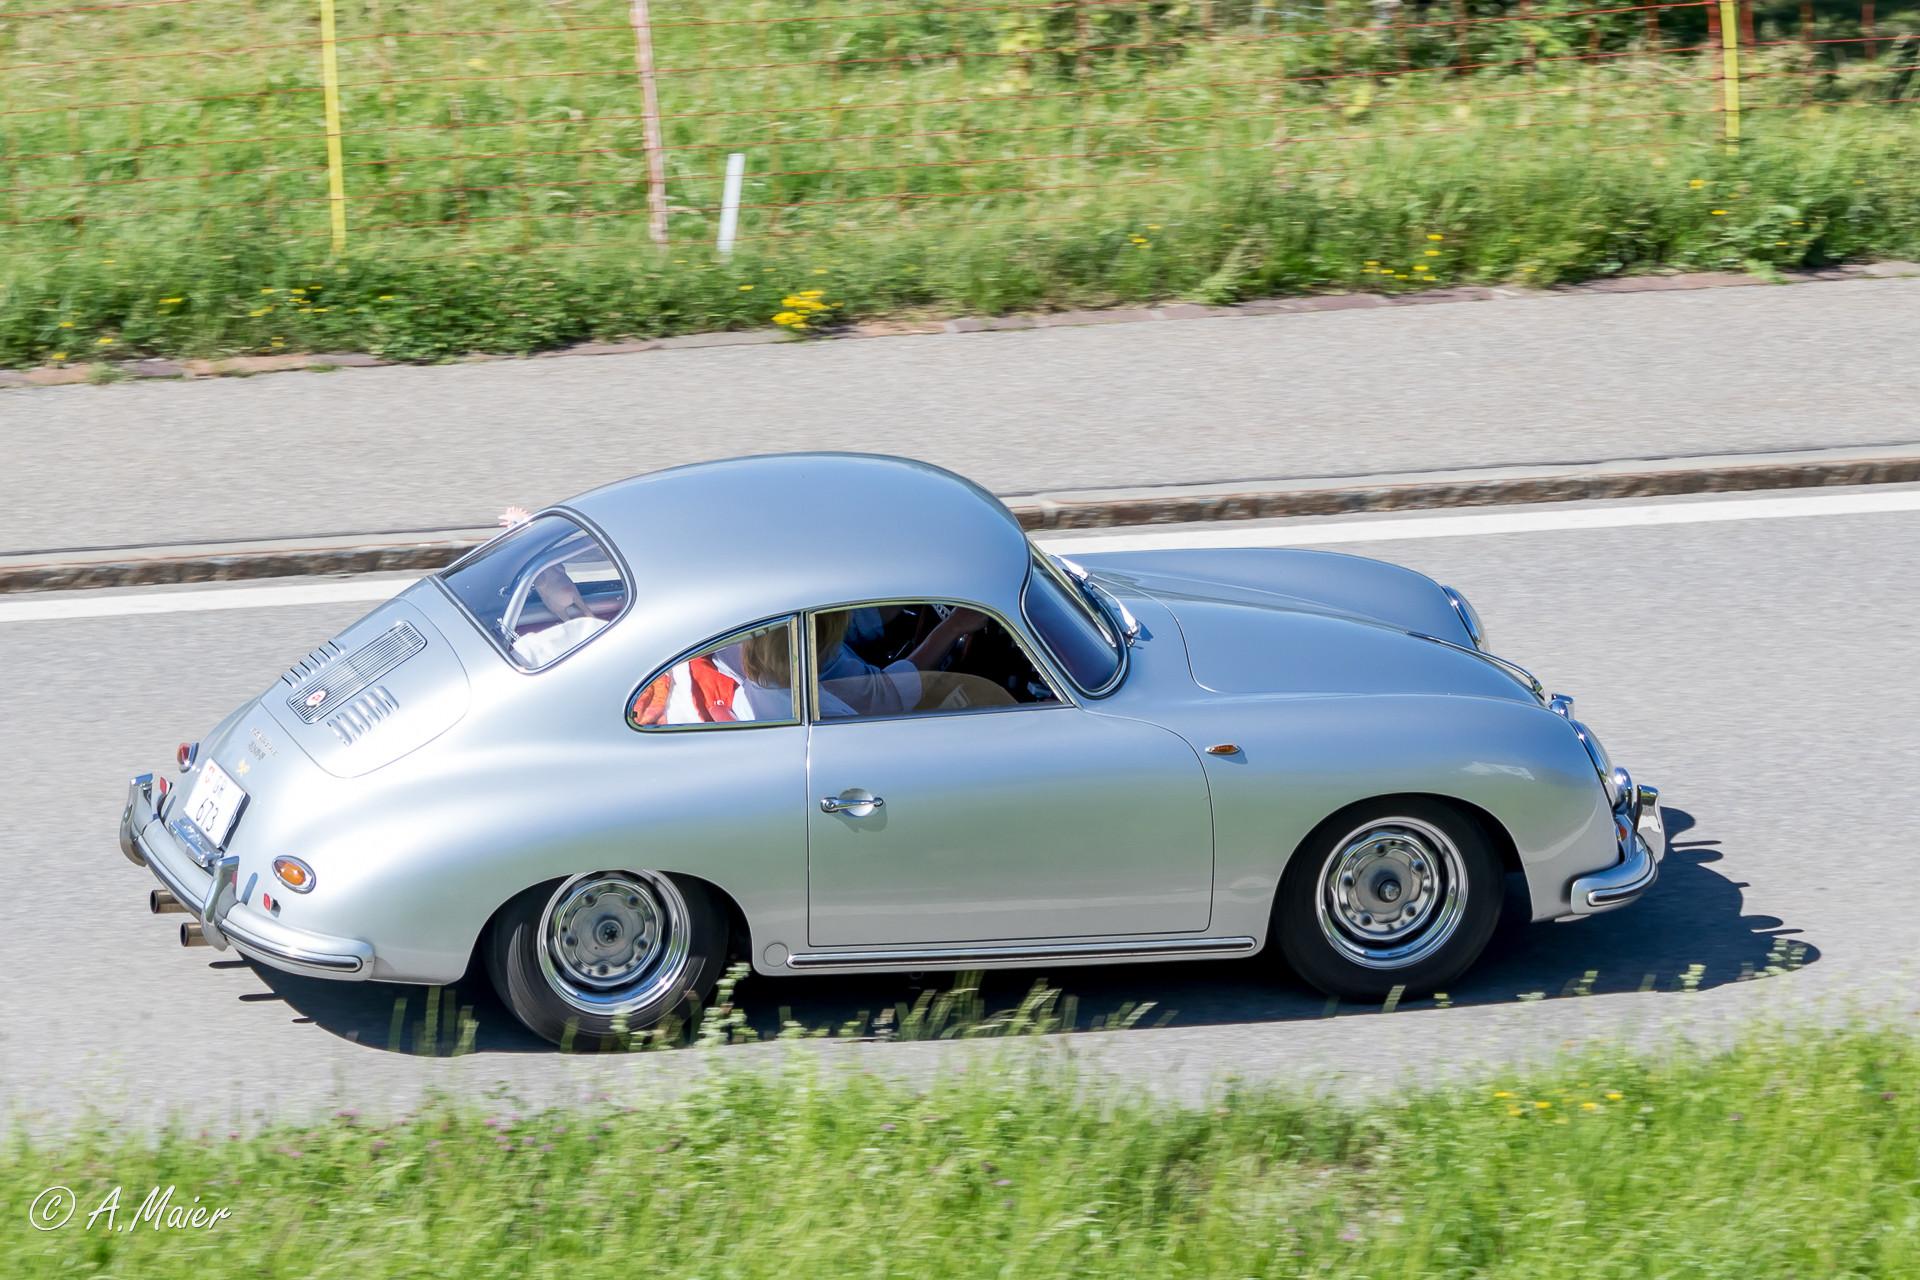 Klicke auf die Grafik für eine vergrößerte Ansicht  Name: 2020.07.05 Porsche 356 Schweiz-329.jpg Ansichten: 0 Größe: 1,04 MB ID: 11806585